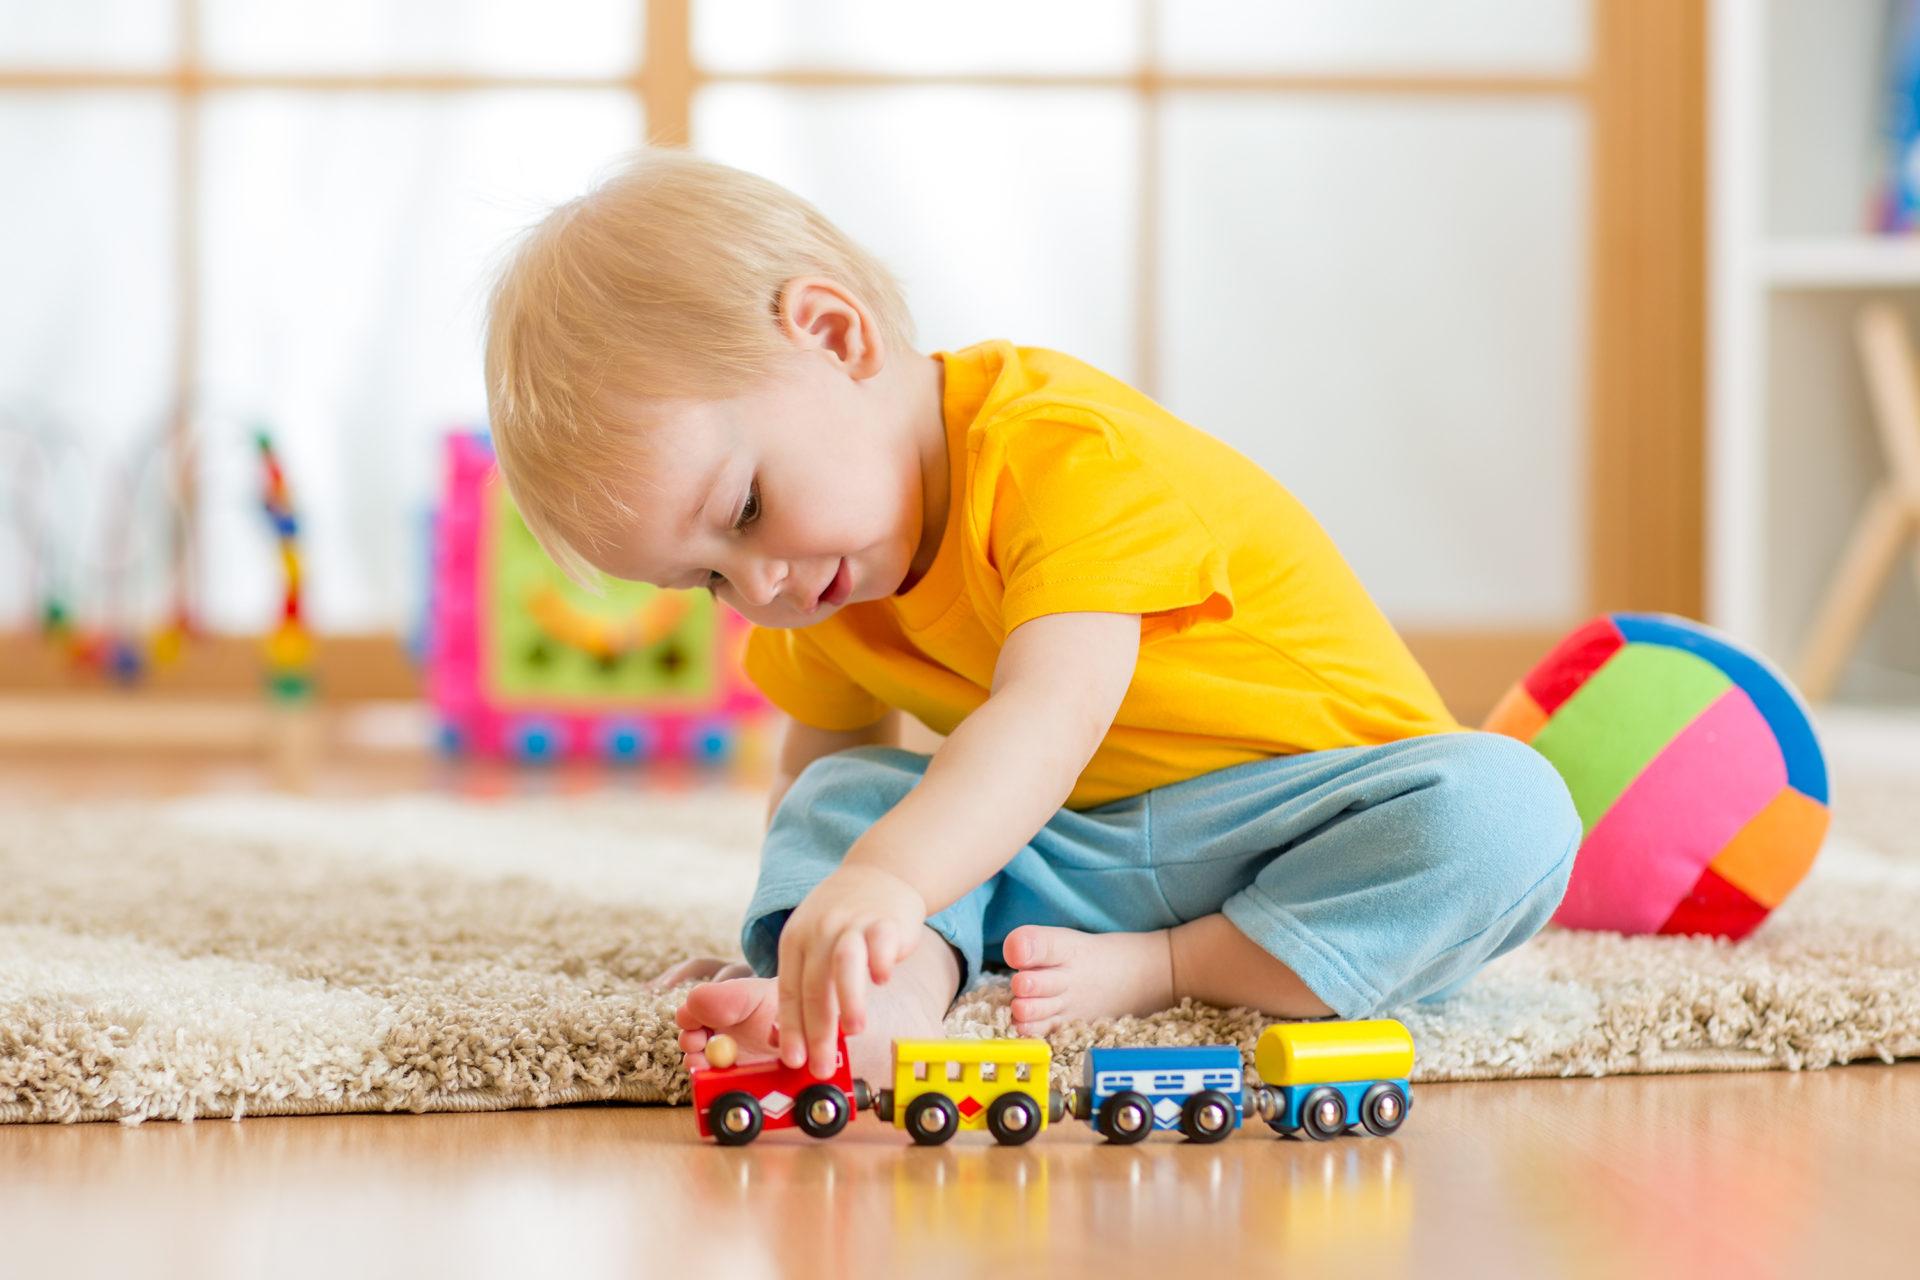 Jeux Et Jouets - Idées Cadeaux Anniversaire Enfant 2 Ans tout Jouet Pour Fille De 2 Ans Et Demi